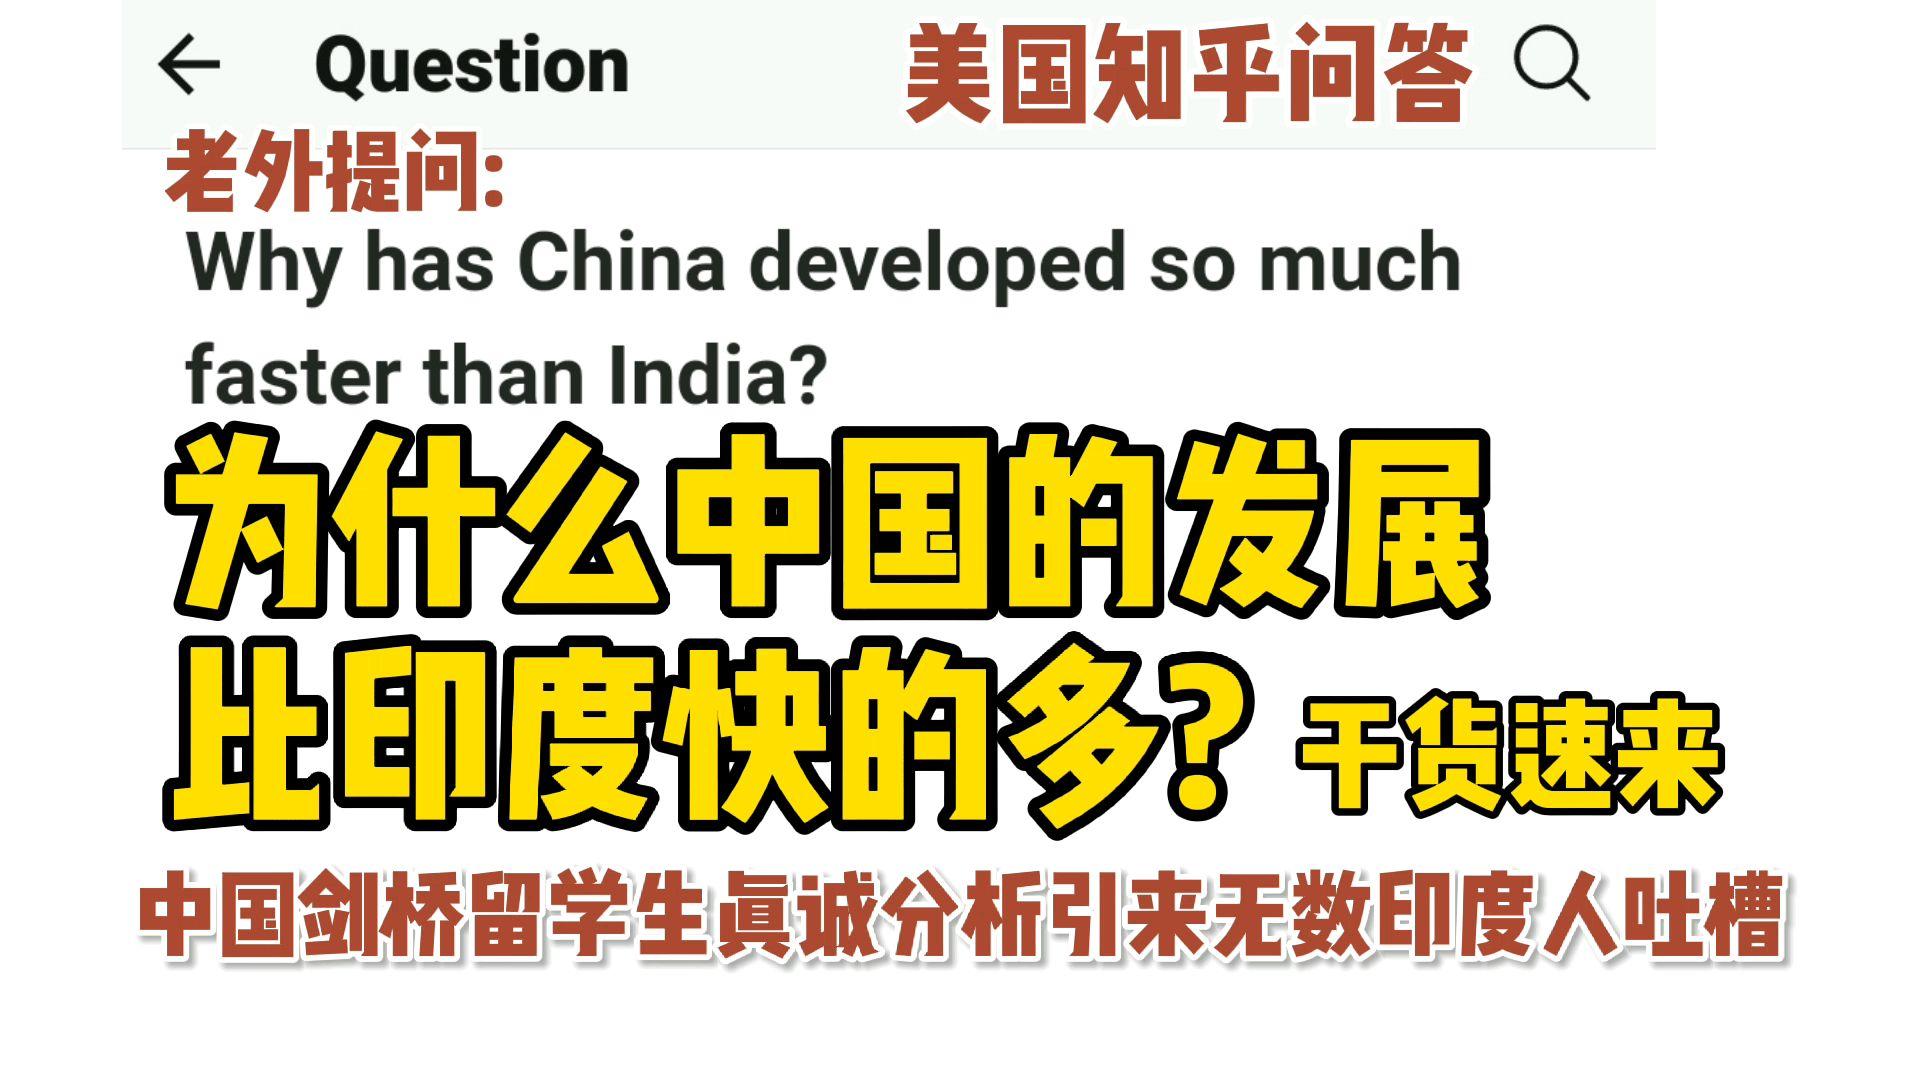 美国知乎,老外发问:为什么中国的发展比印度快的多?中国剑桥留学生真诚分析引来大量印度人吐槽干货速来!